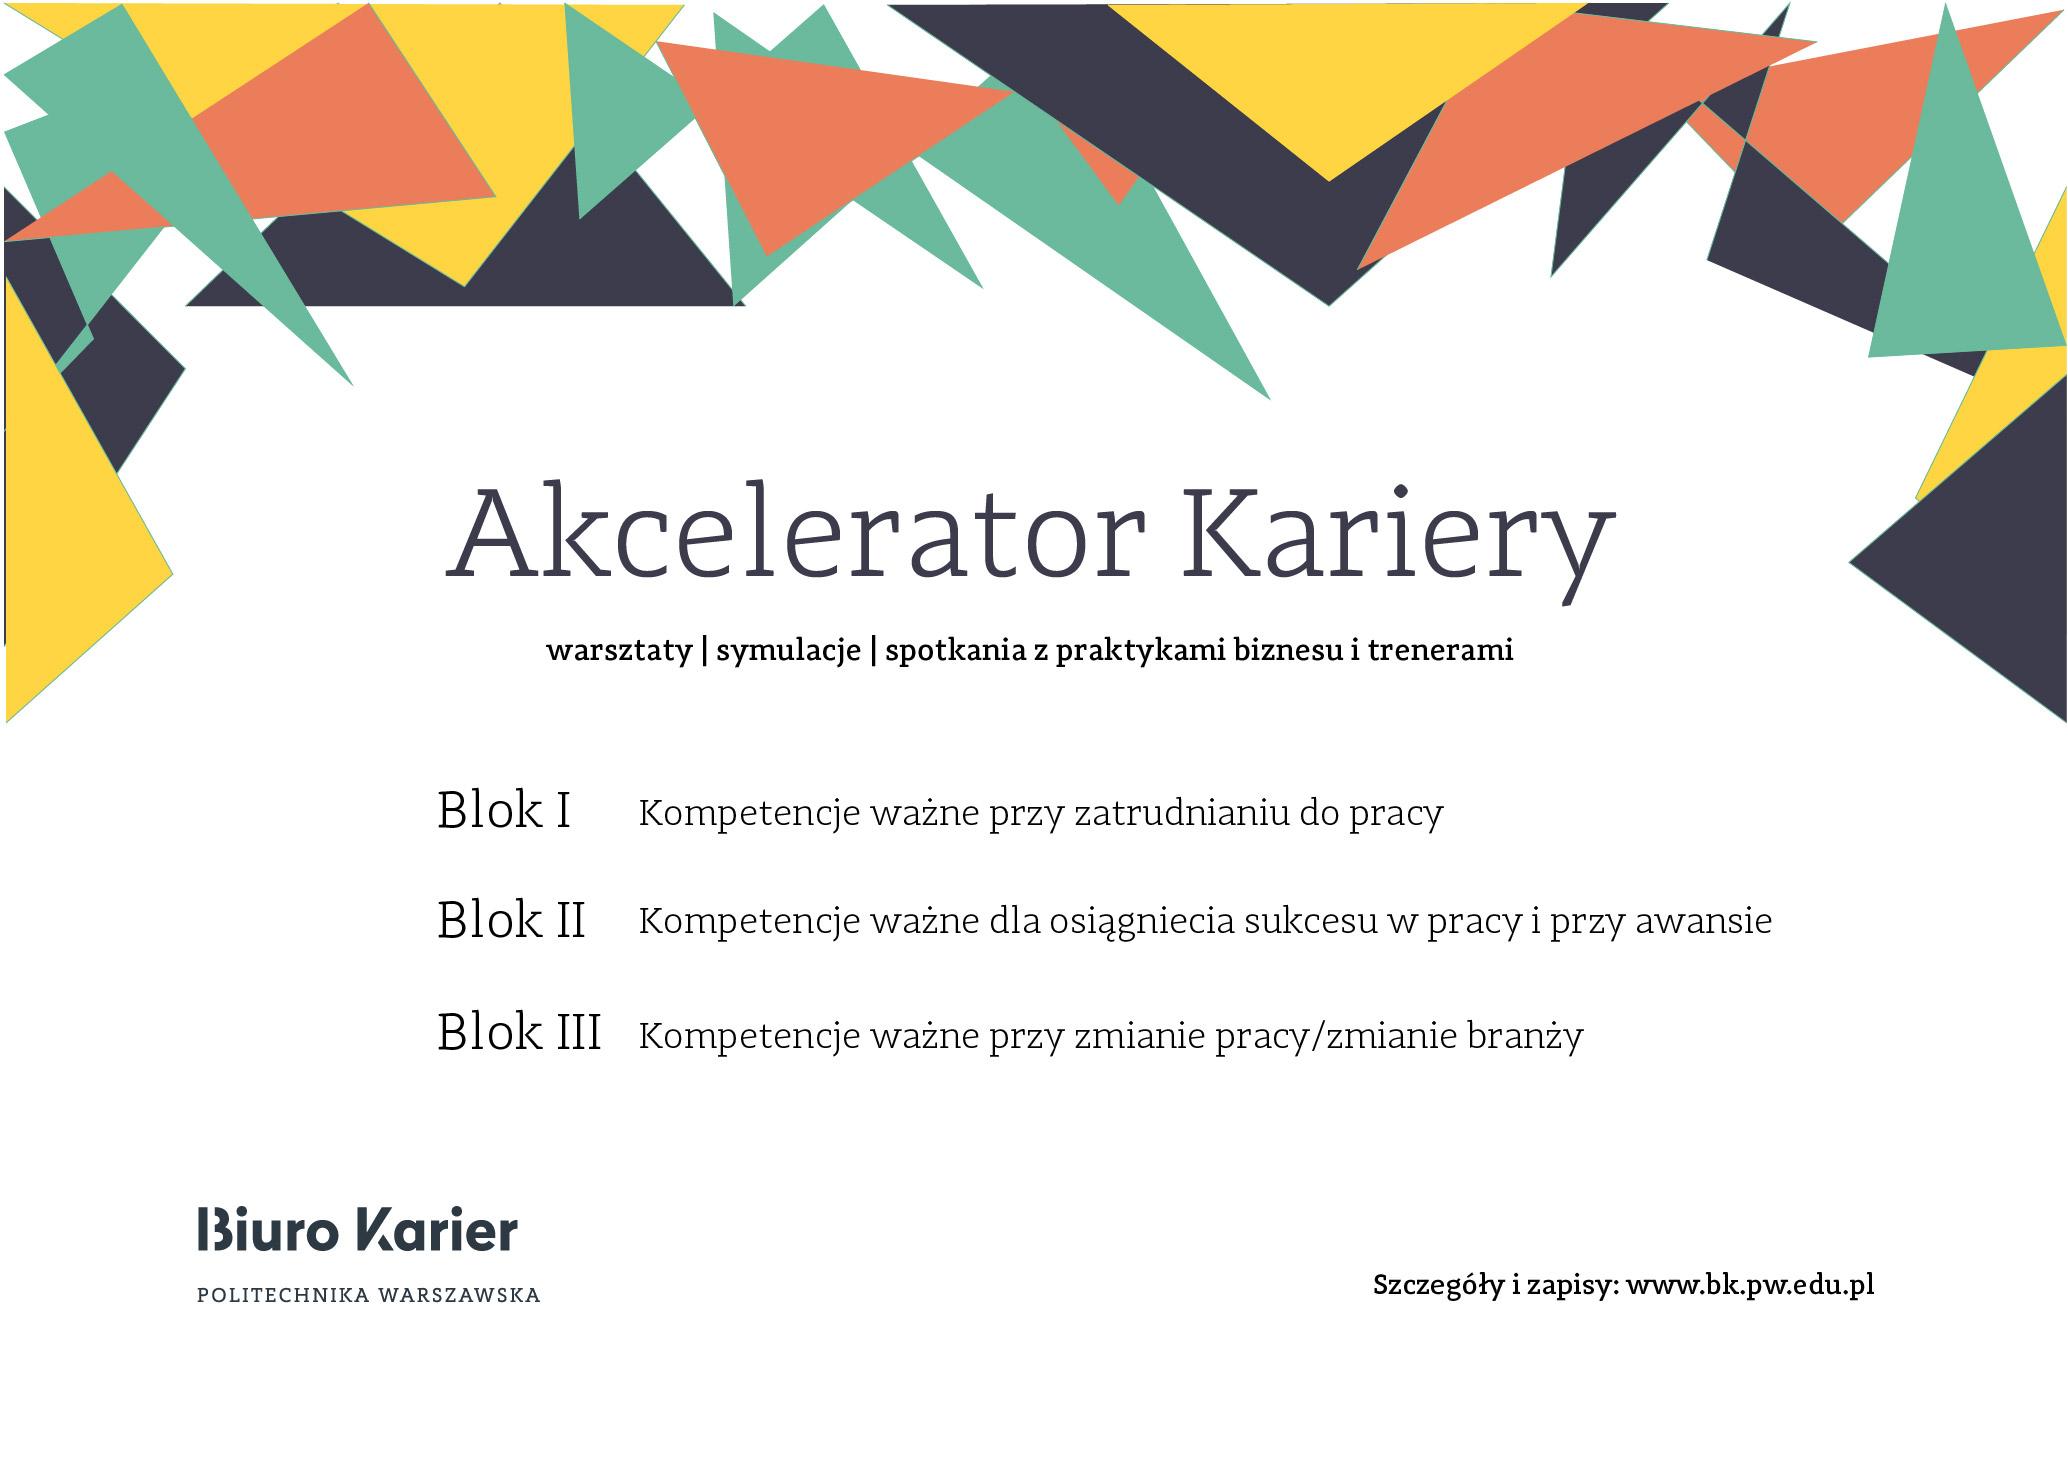 Akcelerator Kariery- Blok I - Kompetencje ważne przy zatrudnianiu do pracy